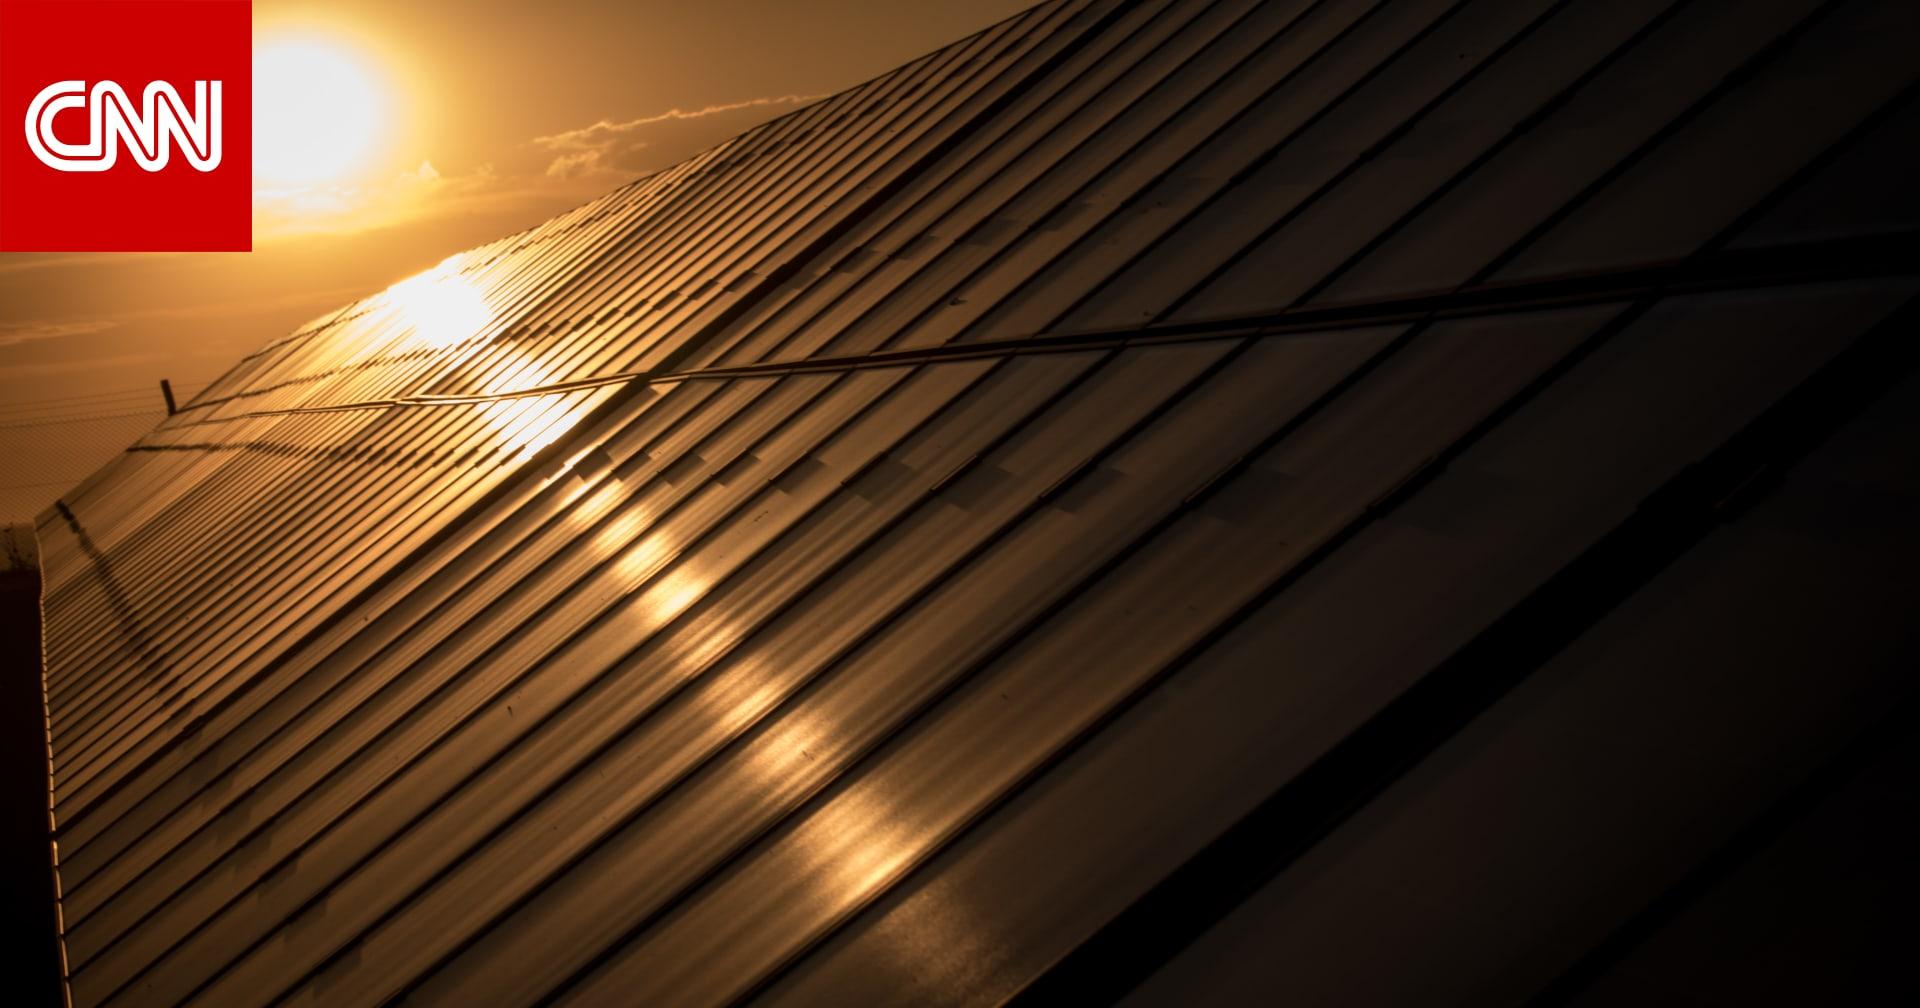 السعودية تفتتح مشروع محطة سكاكا للطاقة الشمسية شمال المملكة